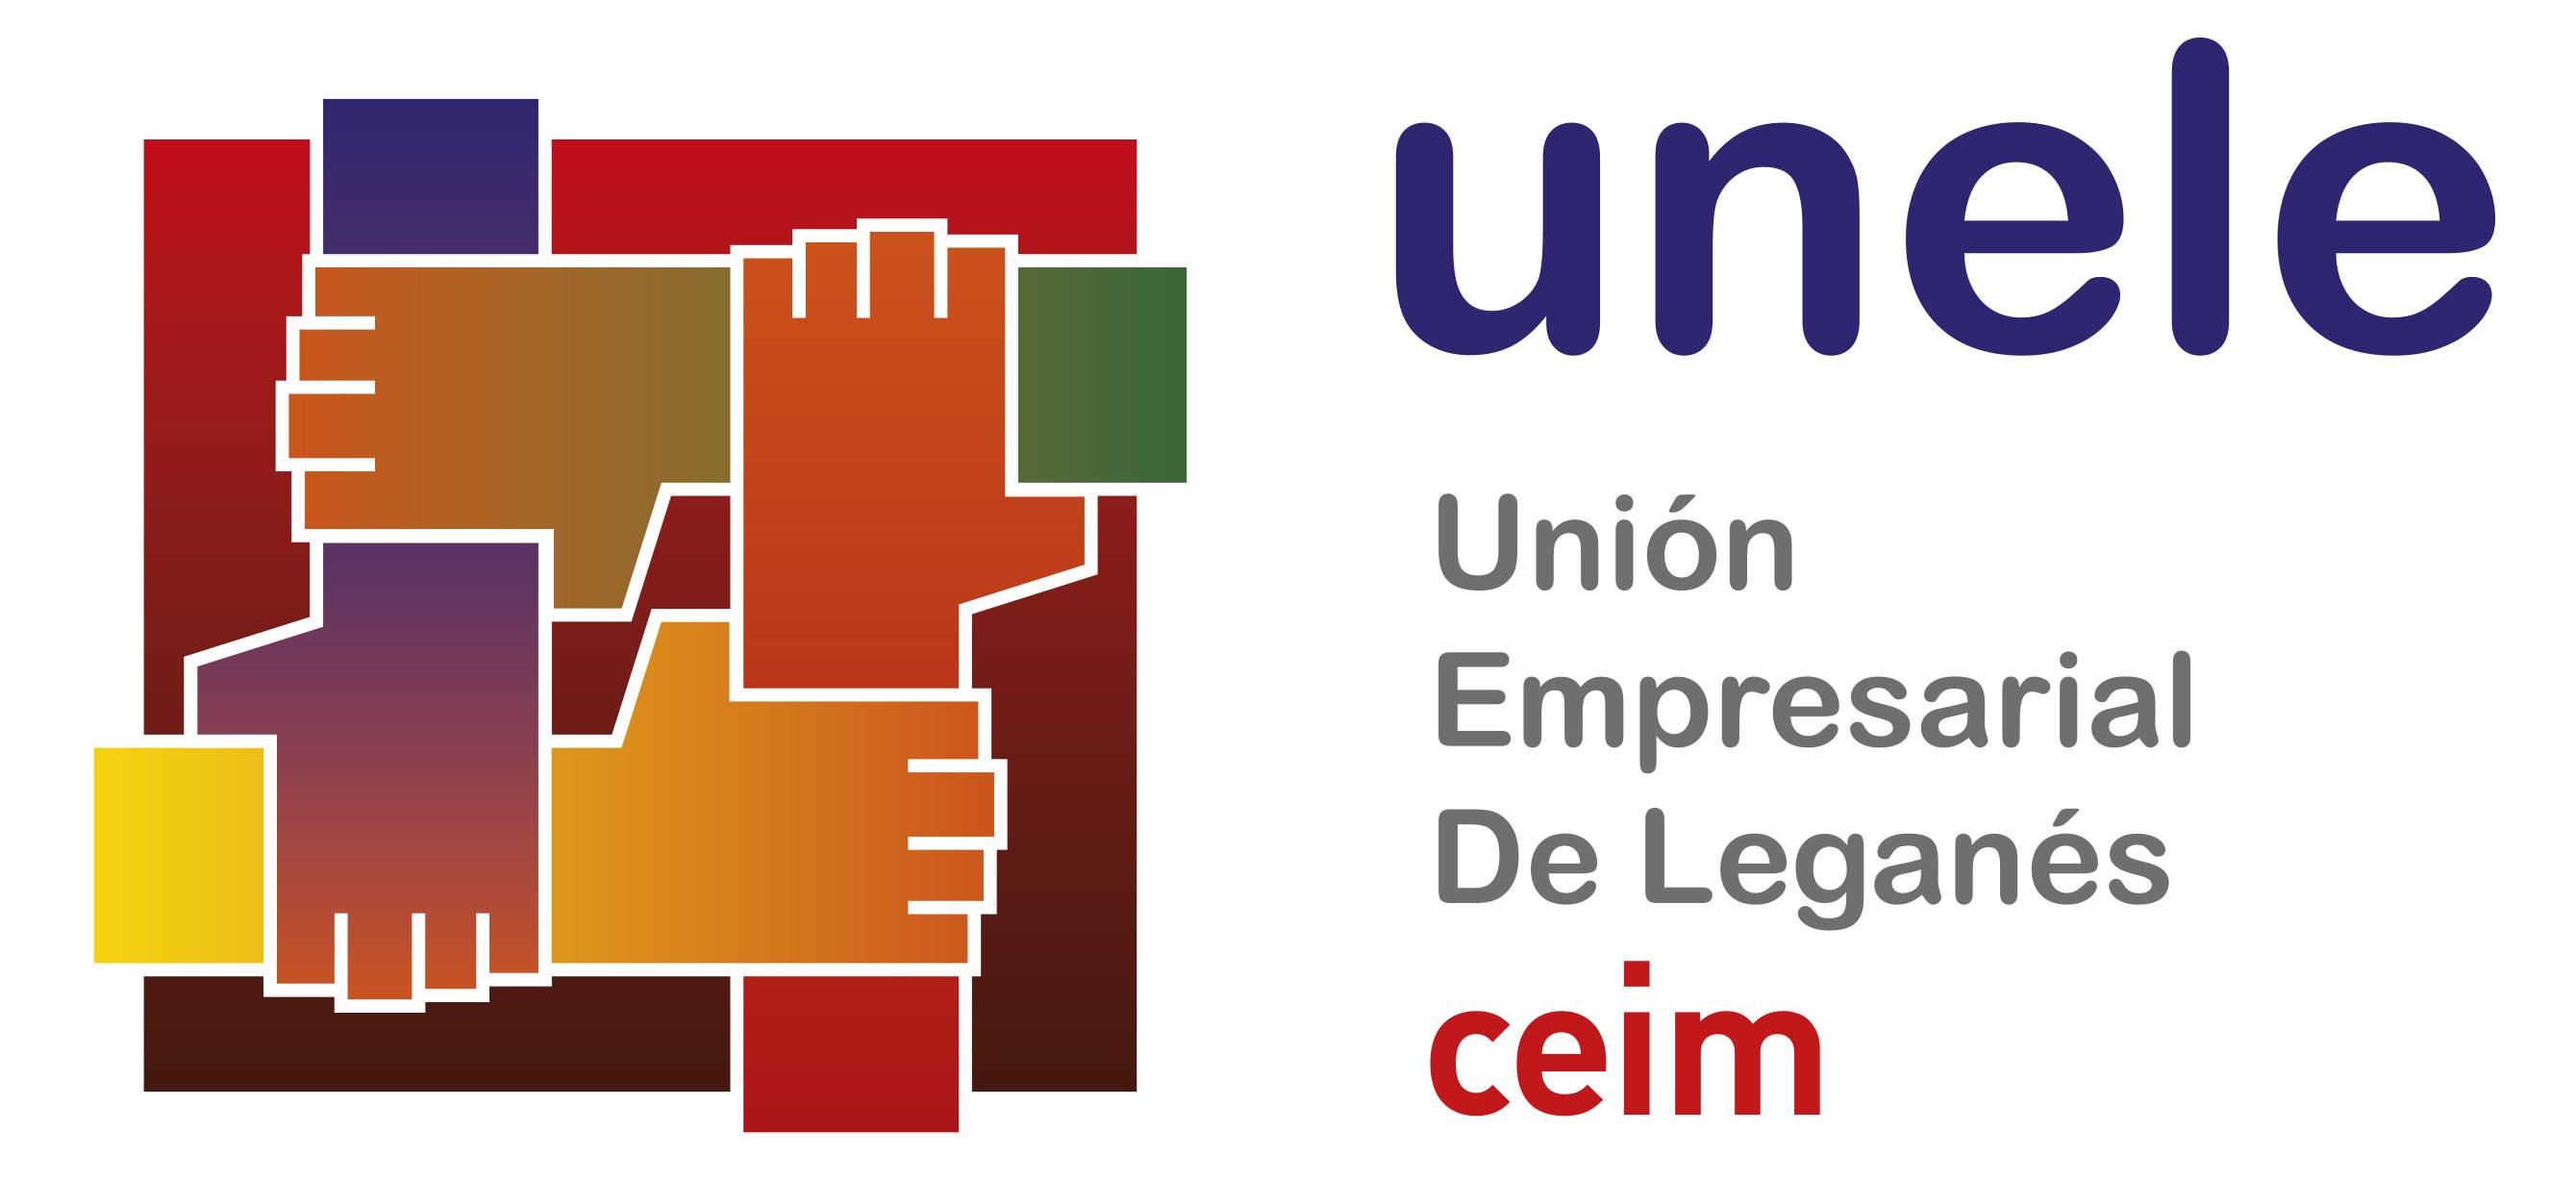 Union Empresarial de Leganés